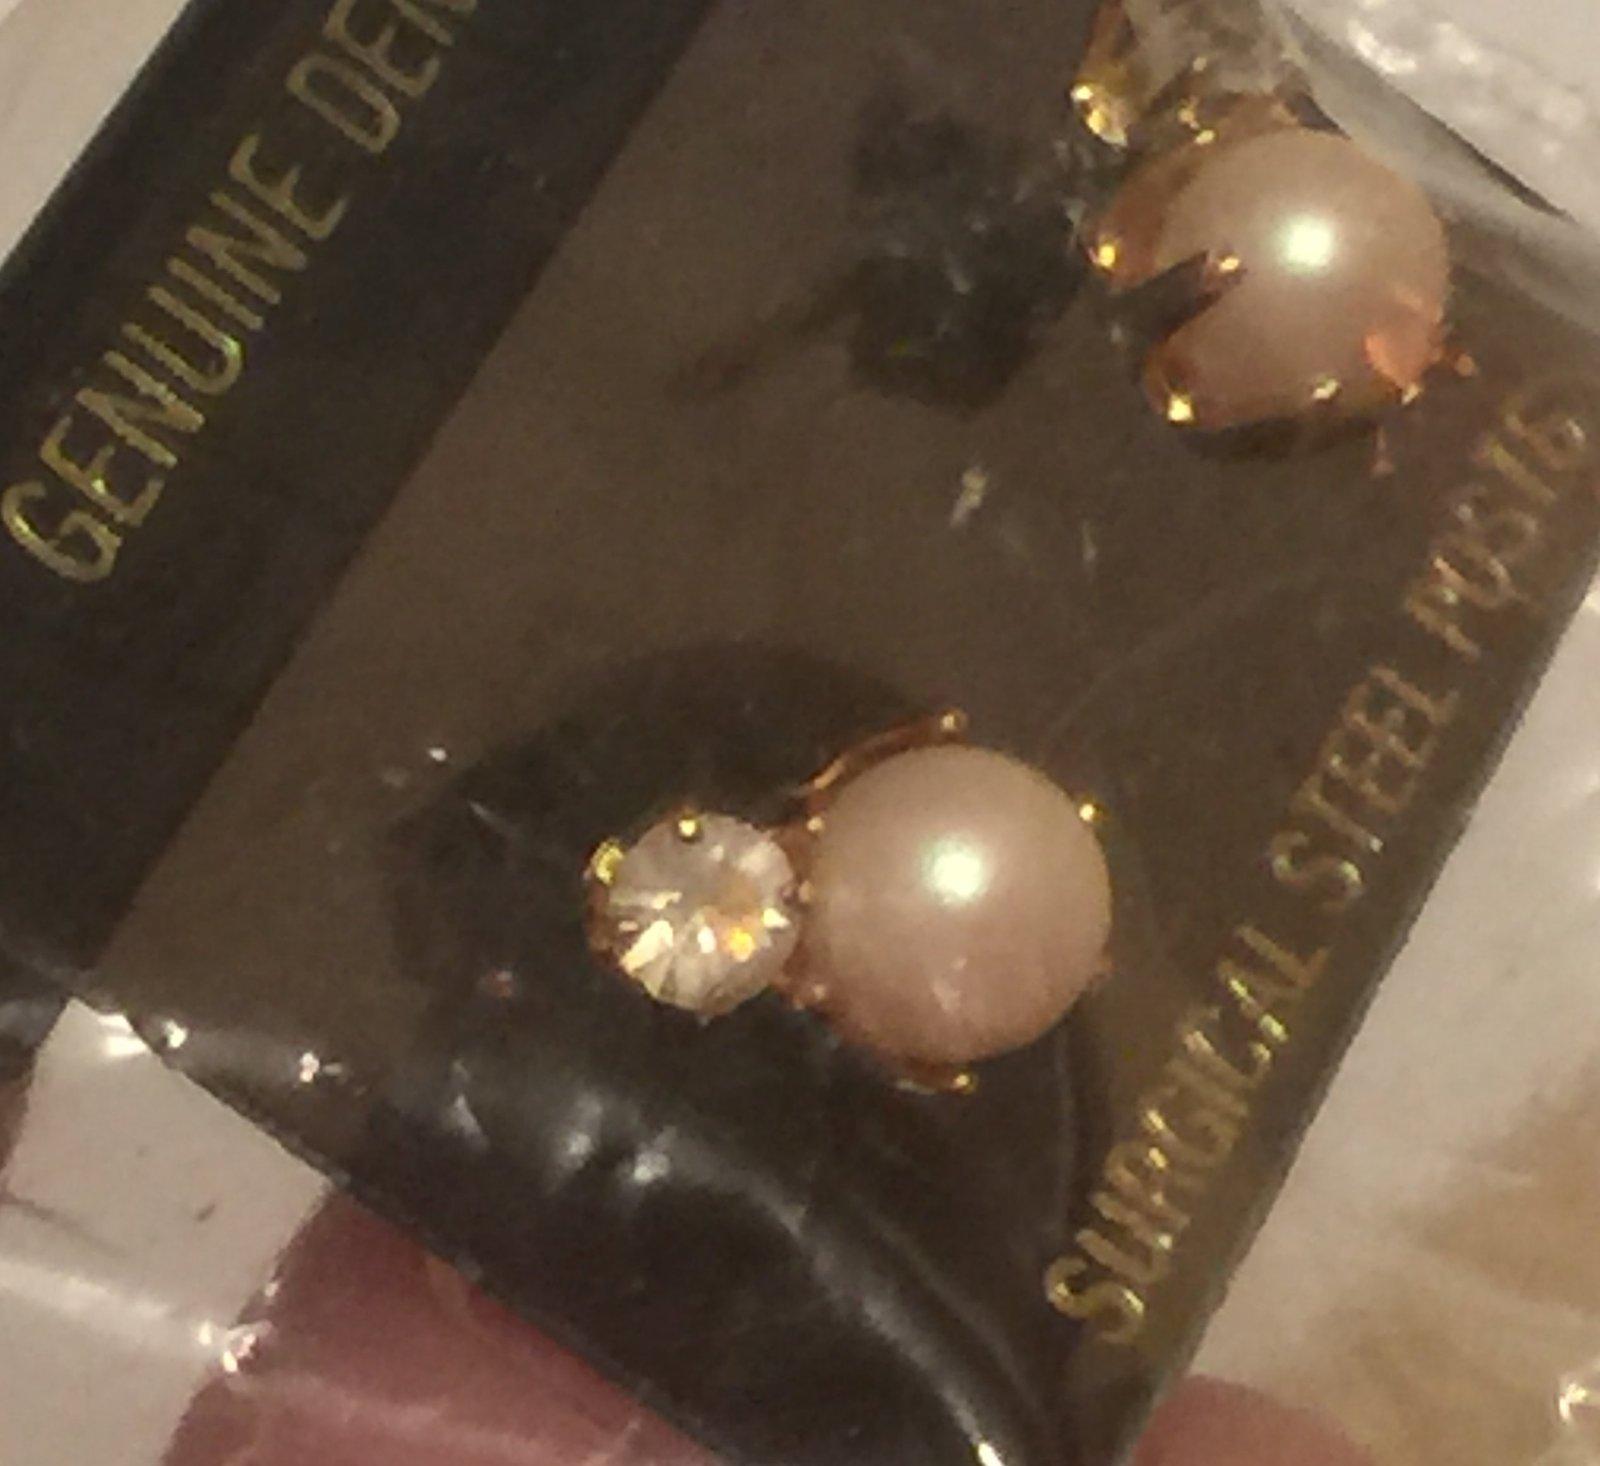 VTG 80s Earrings~Genuine Dentelle West German Crystal Rhinestone/Faux Pearl Stud